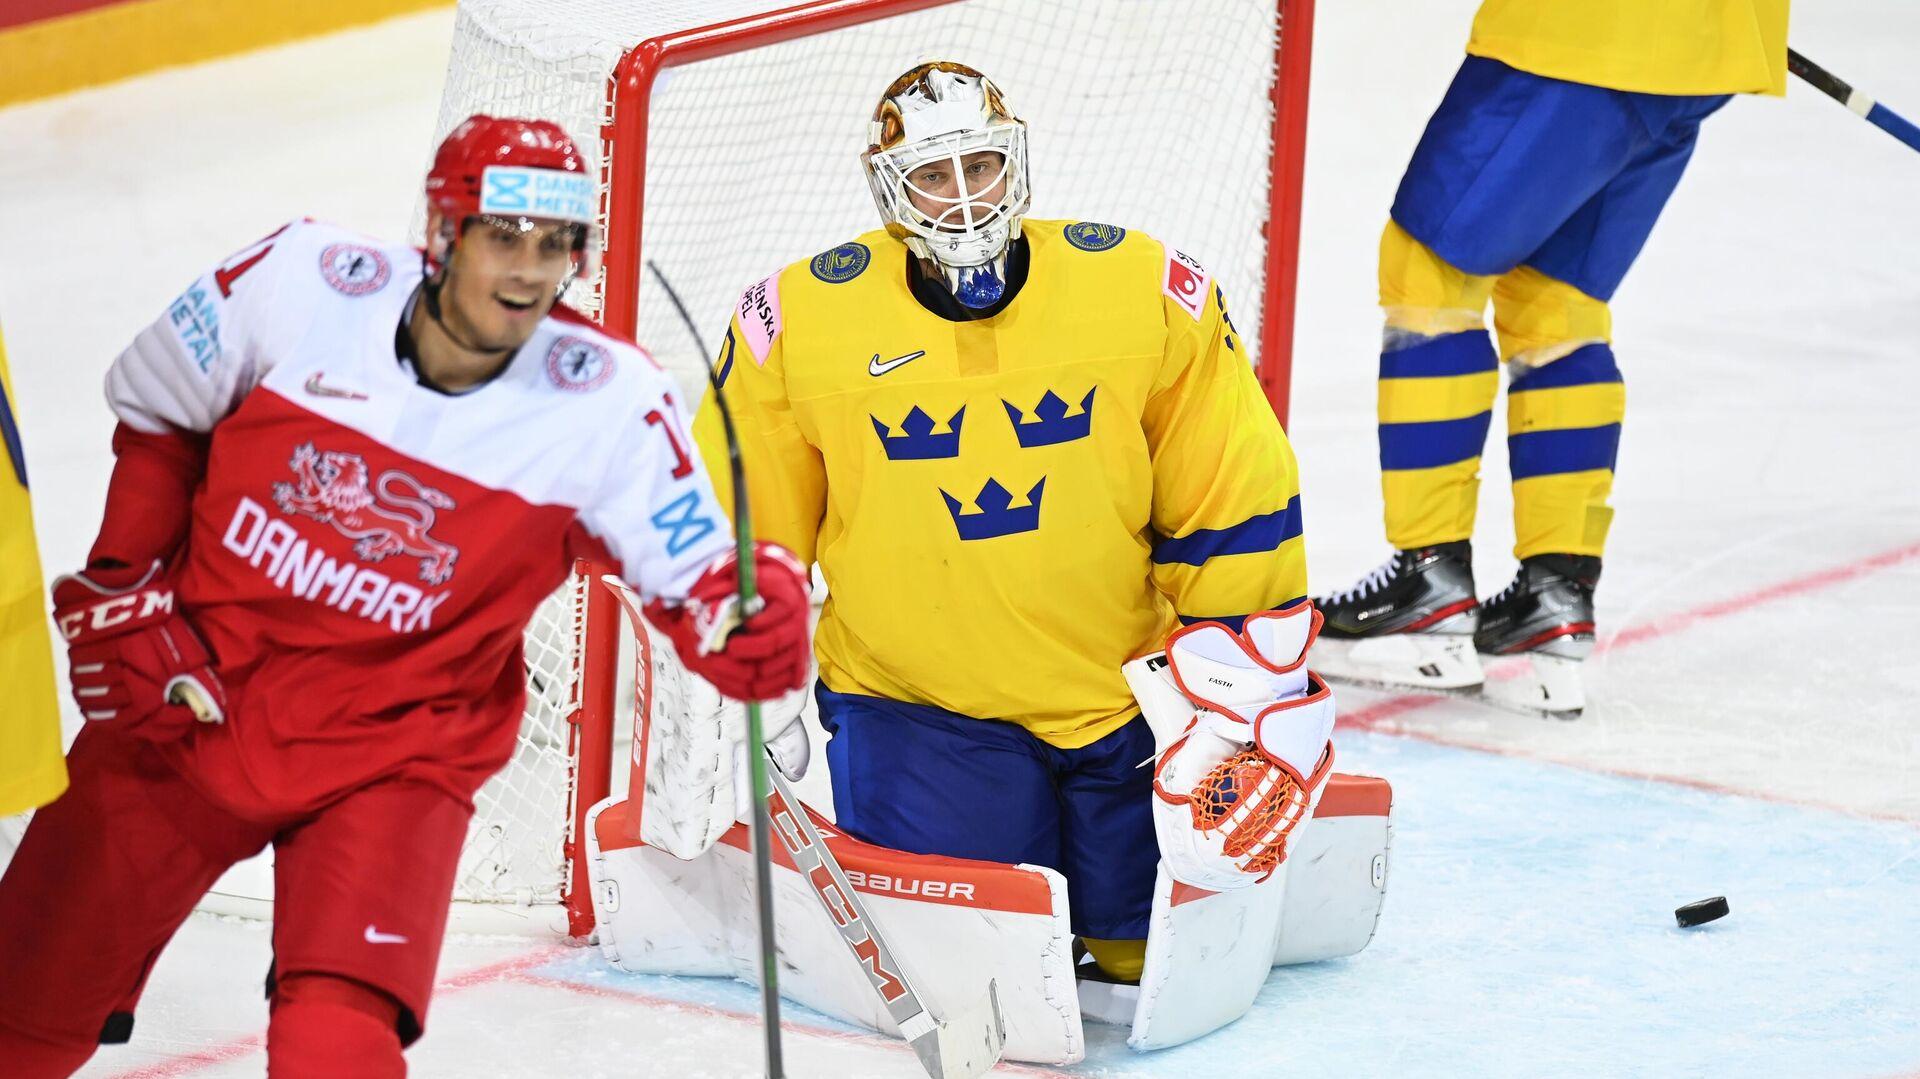 Хоккеисты сборной Швеции (в желтом) - РИА Новости, 1920, 02.06.2021